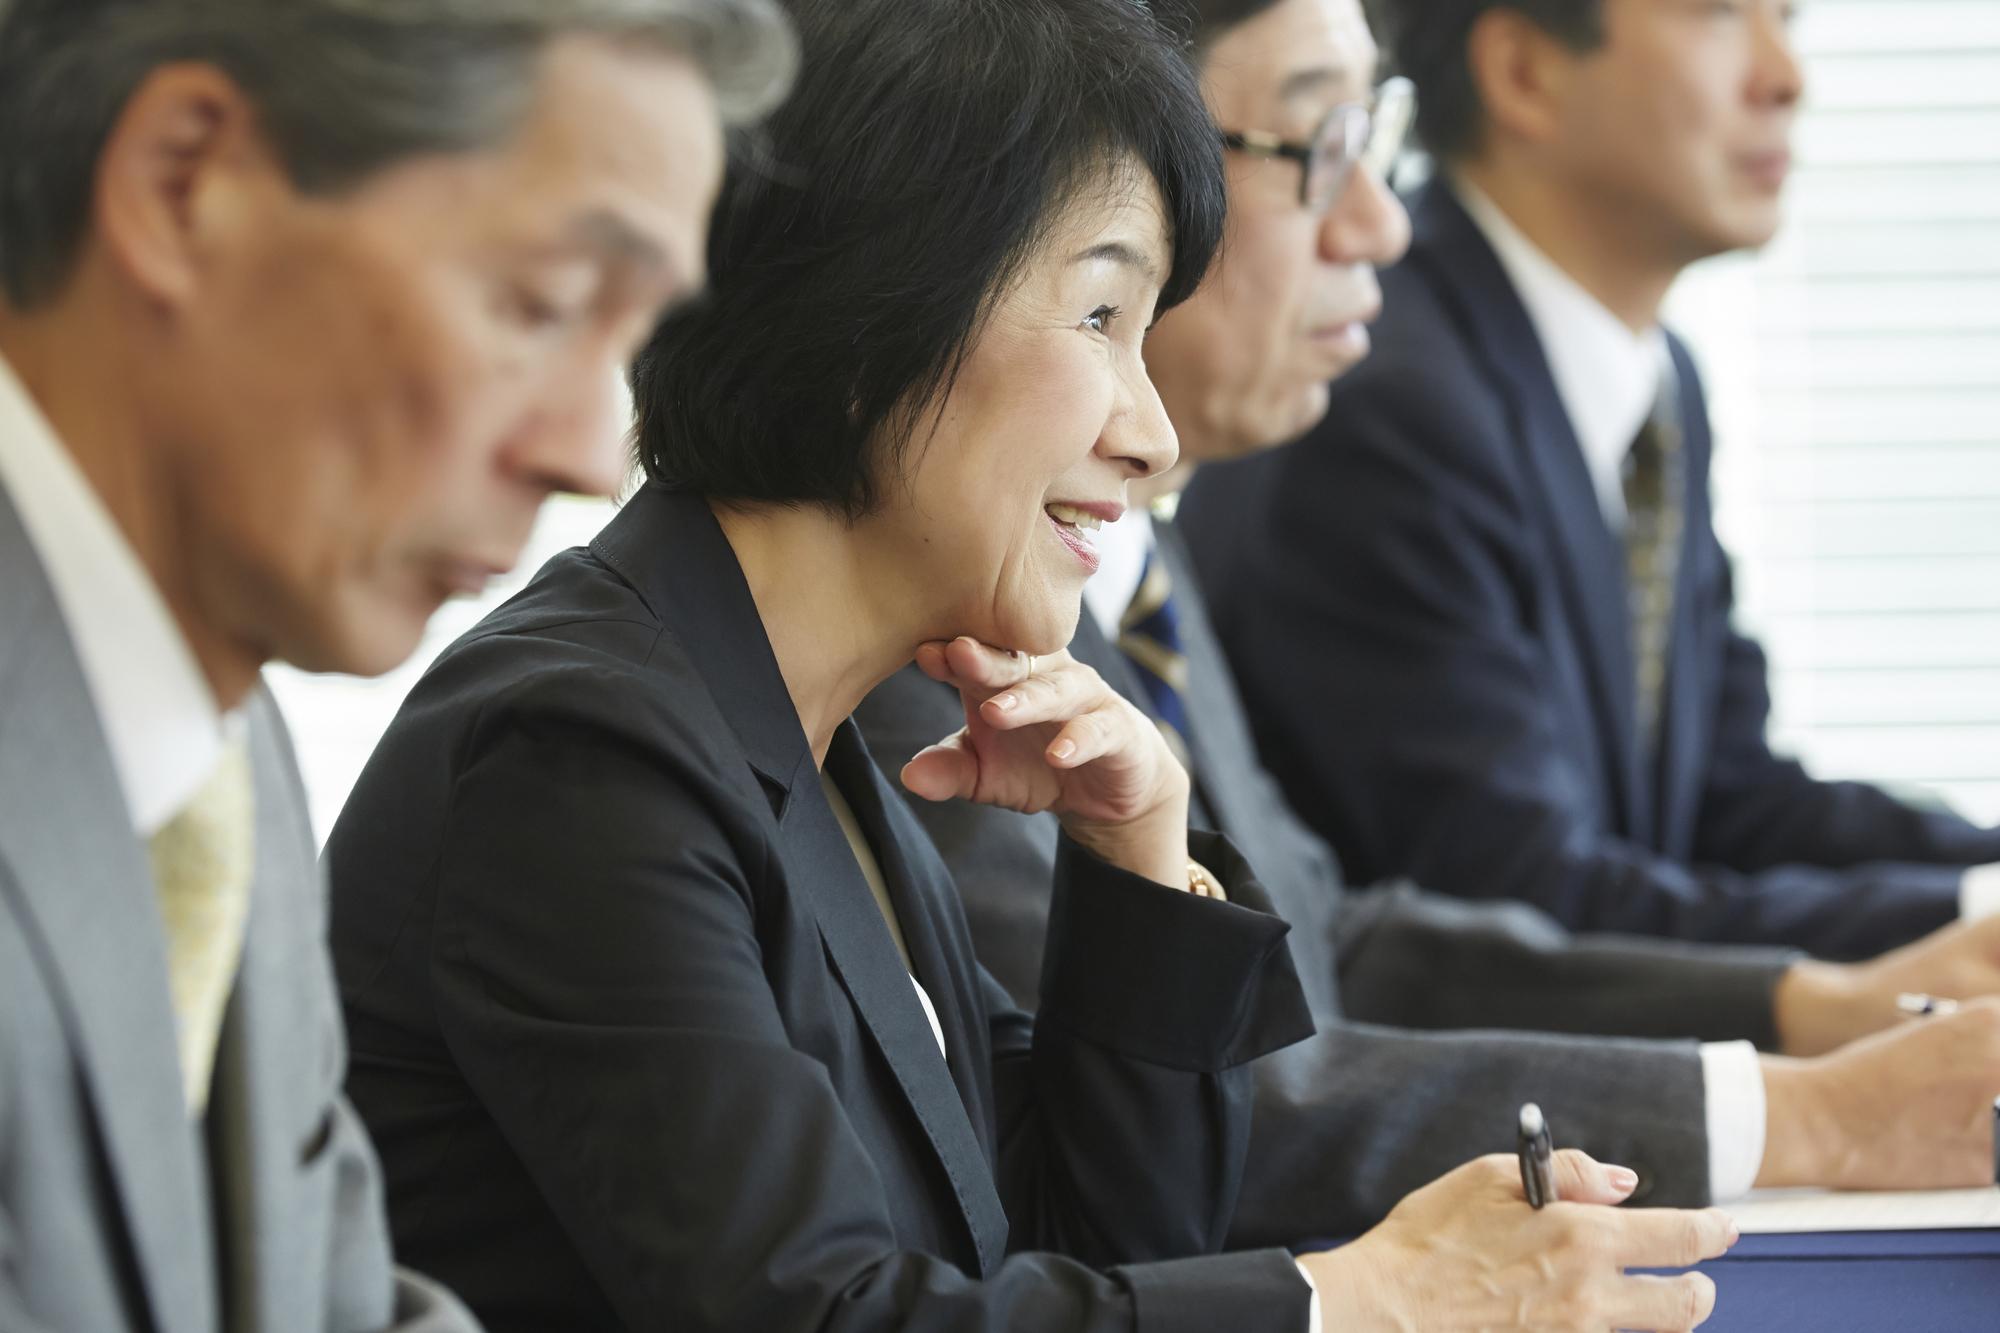 人材を見抜く面接の質問とは? 面接官になったら知っておきたい心得と質問項目例_2